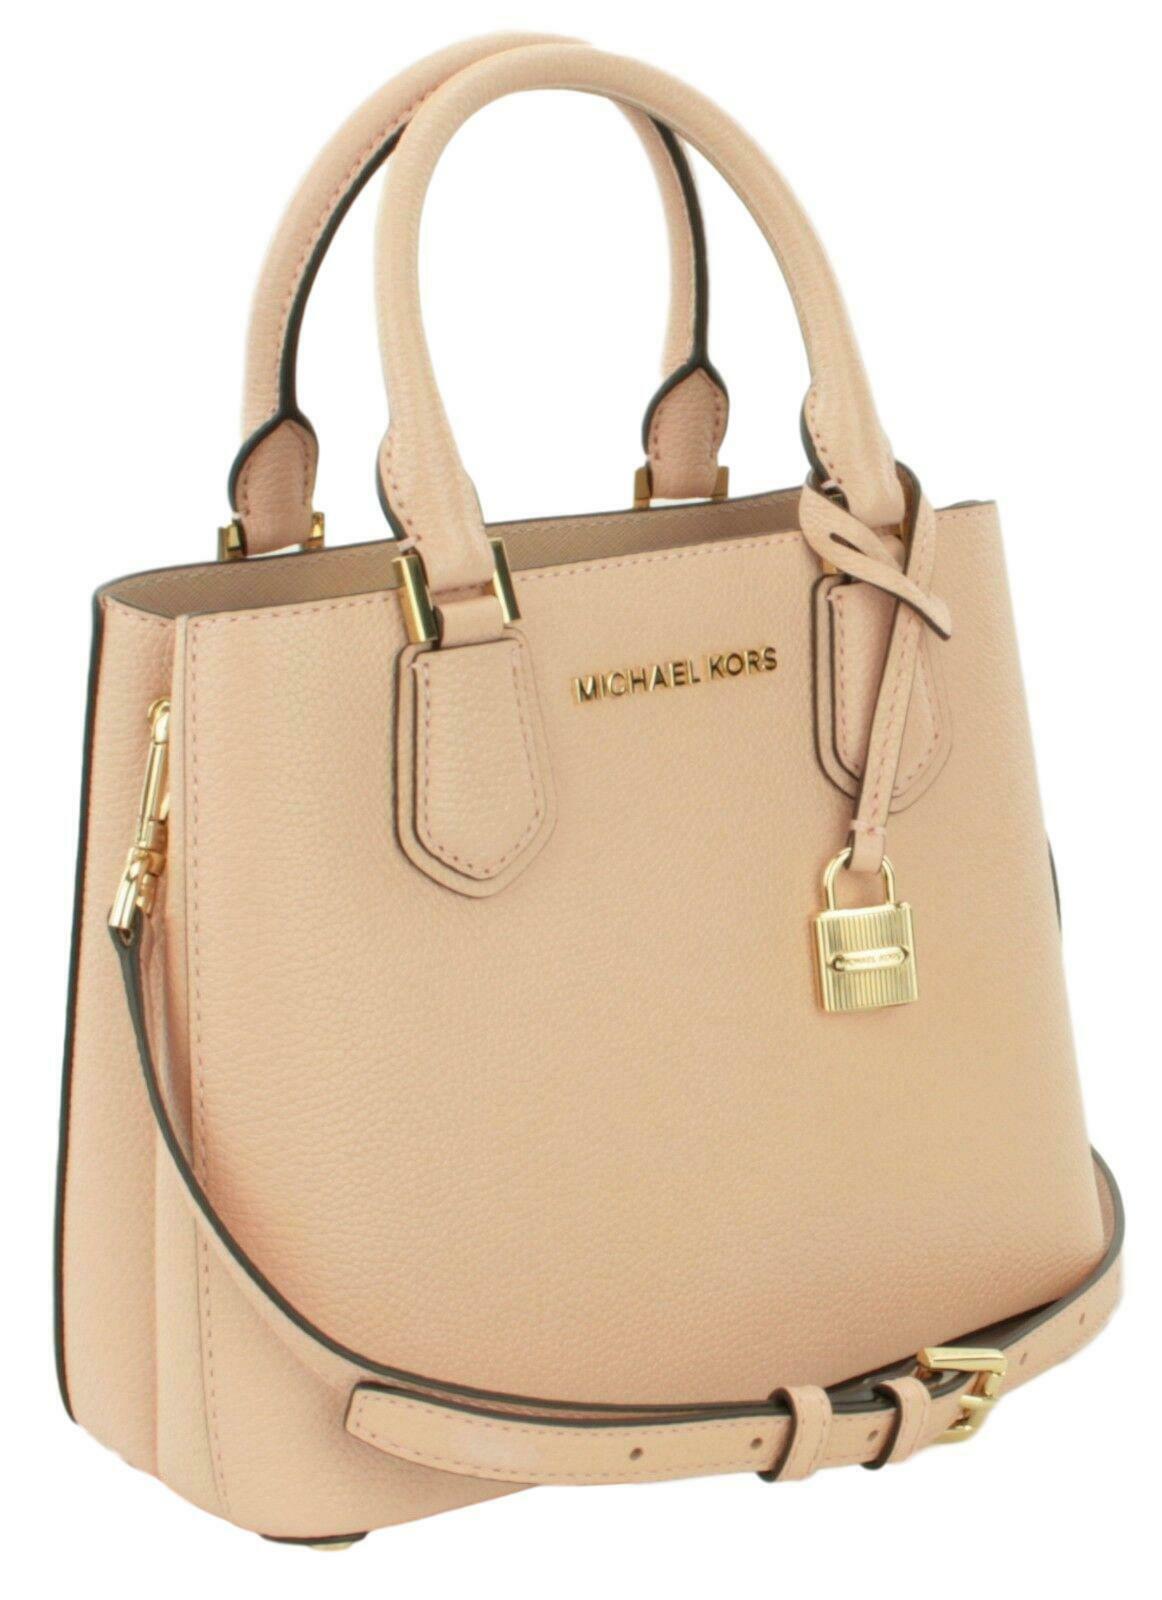 Michael Kors Adele Pastel Pink Leather Shoulder Messenger Bag Handbag image 2